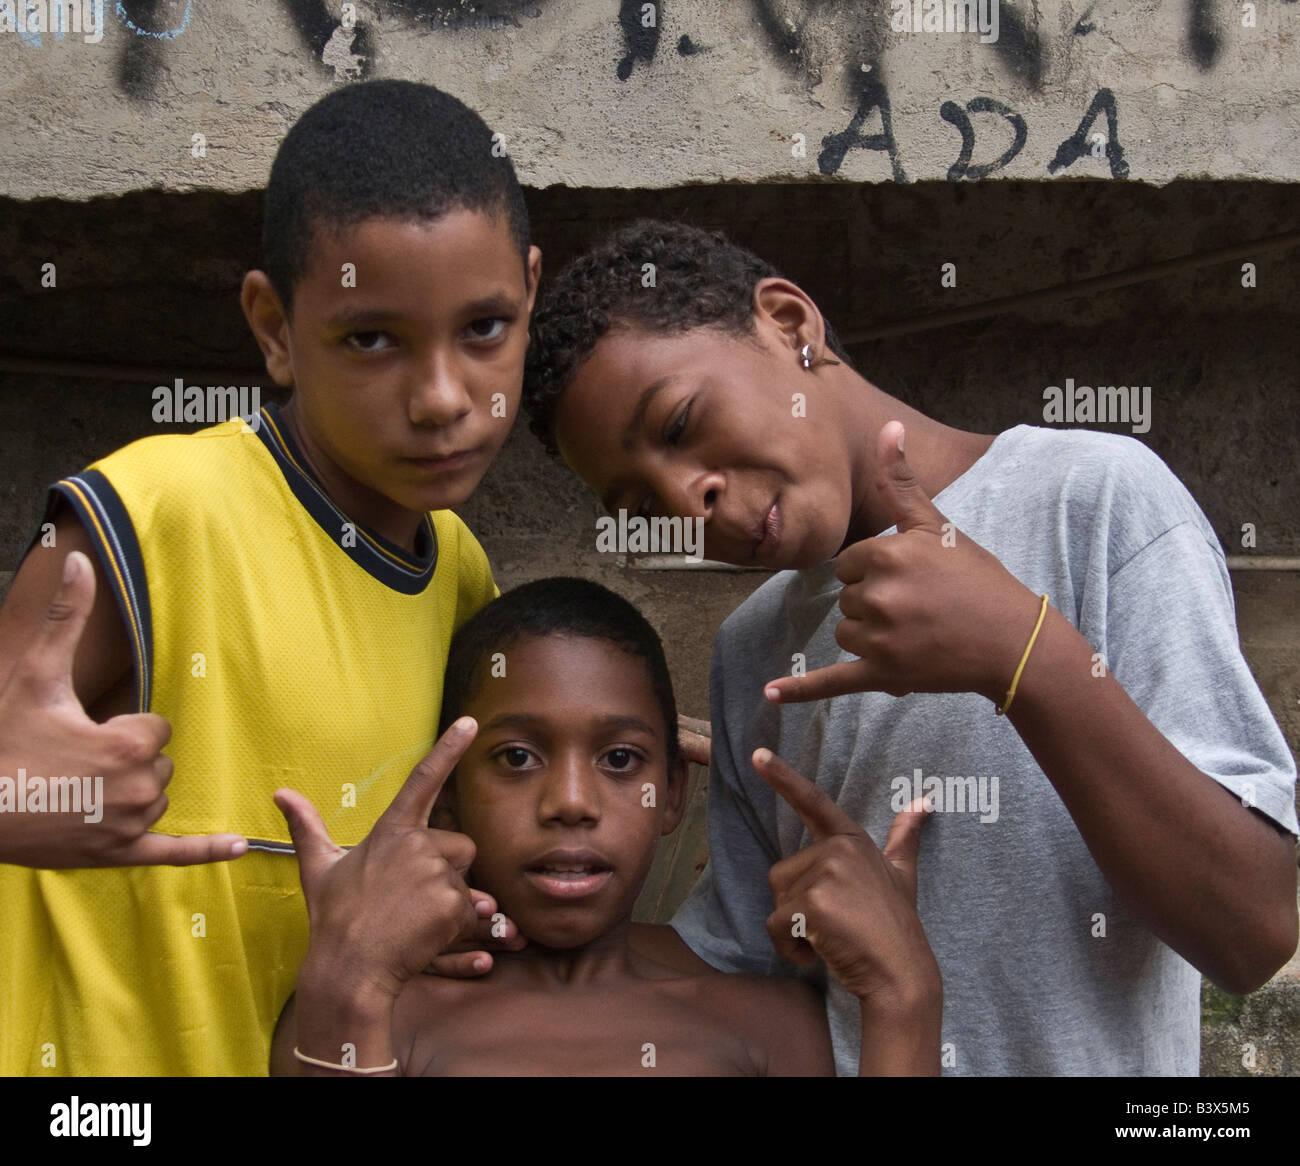 Three young boys from the Rocinha favela in Rio de Janeiro Stock Photo